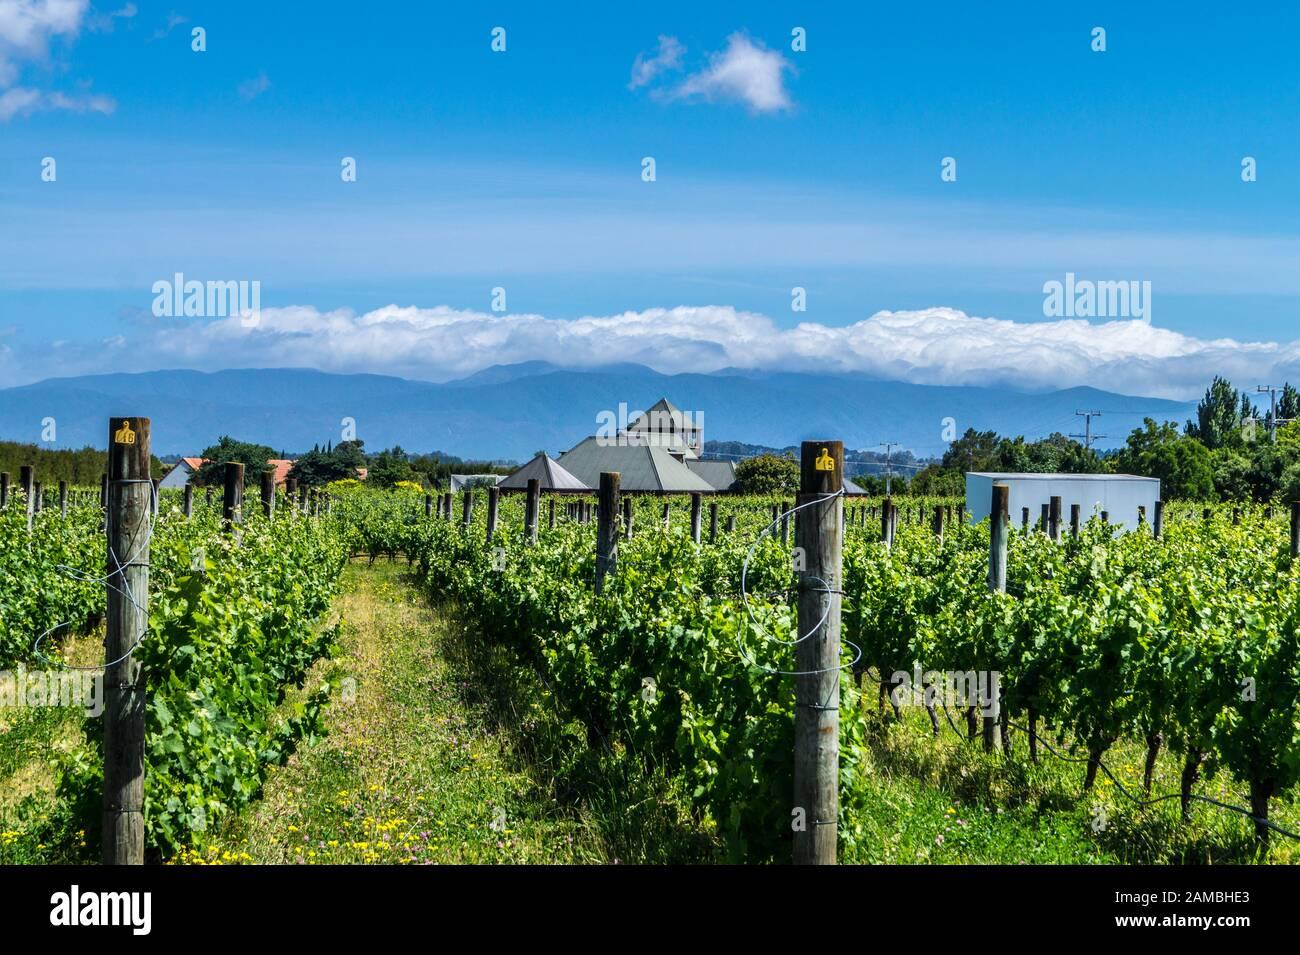 margrain-vineyard-martinborough-wairarapa-new-zealand-2AMBHE3.jpg